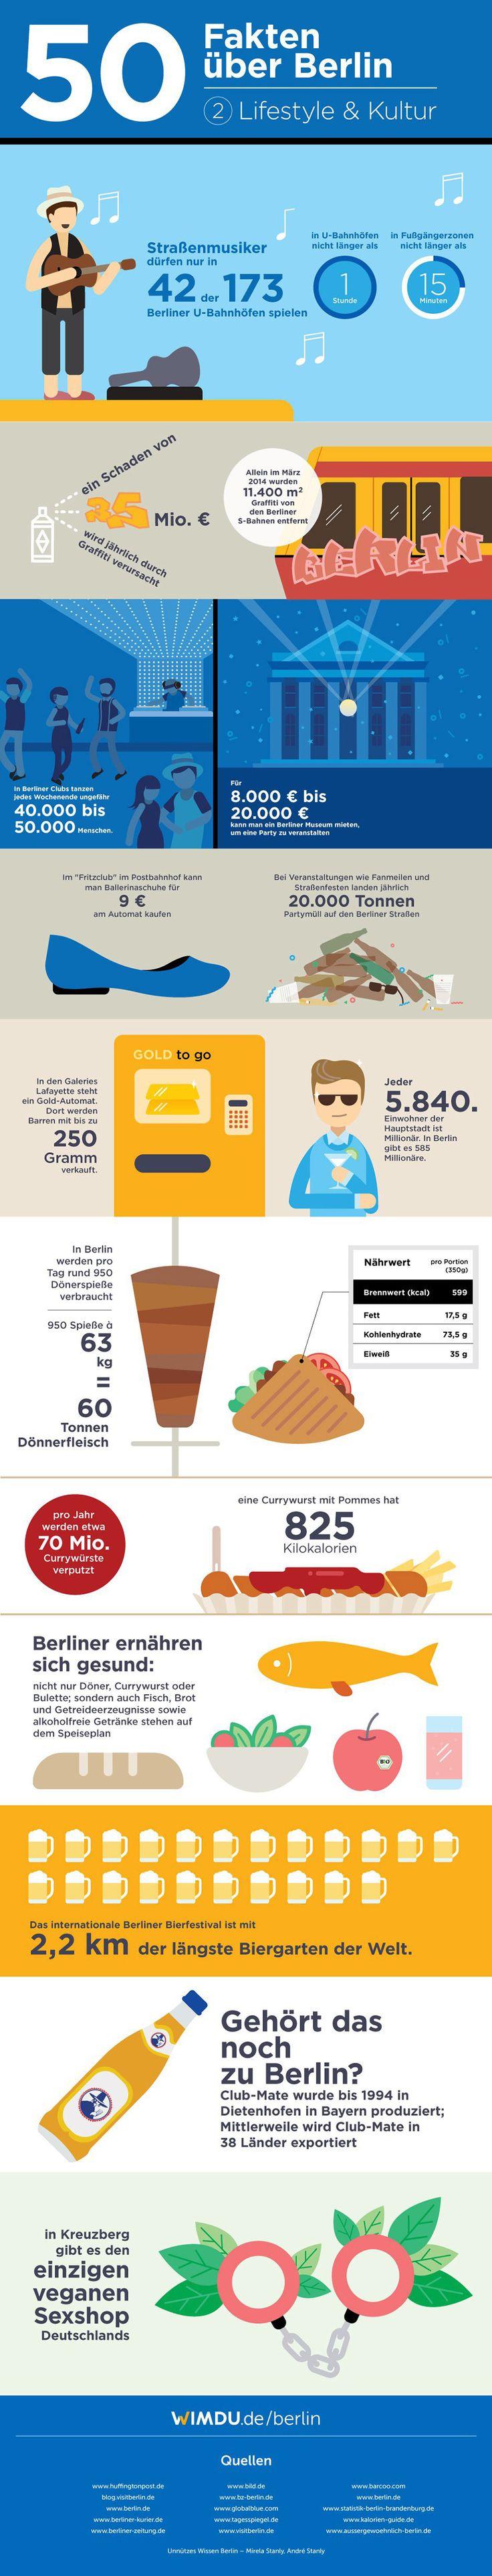 infografik-berlin-facts-klonblog3